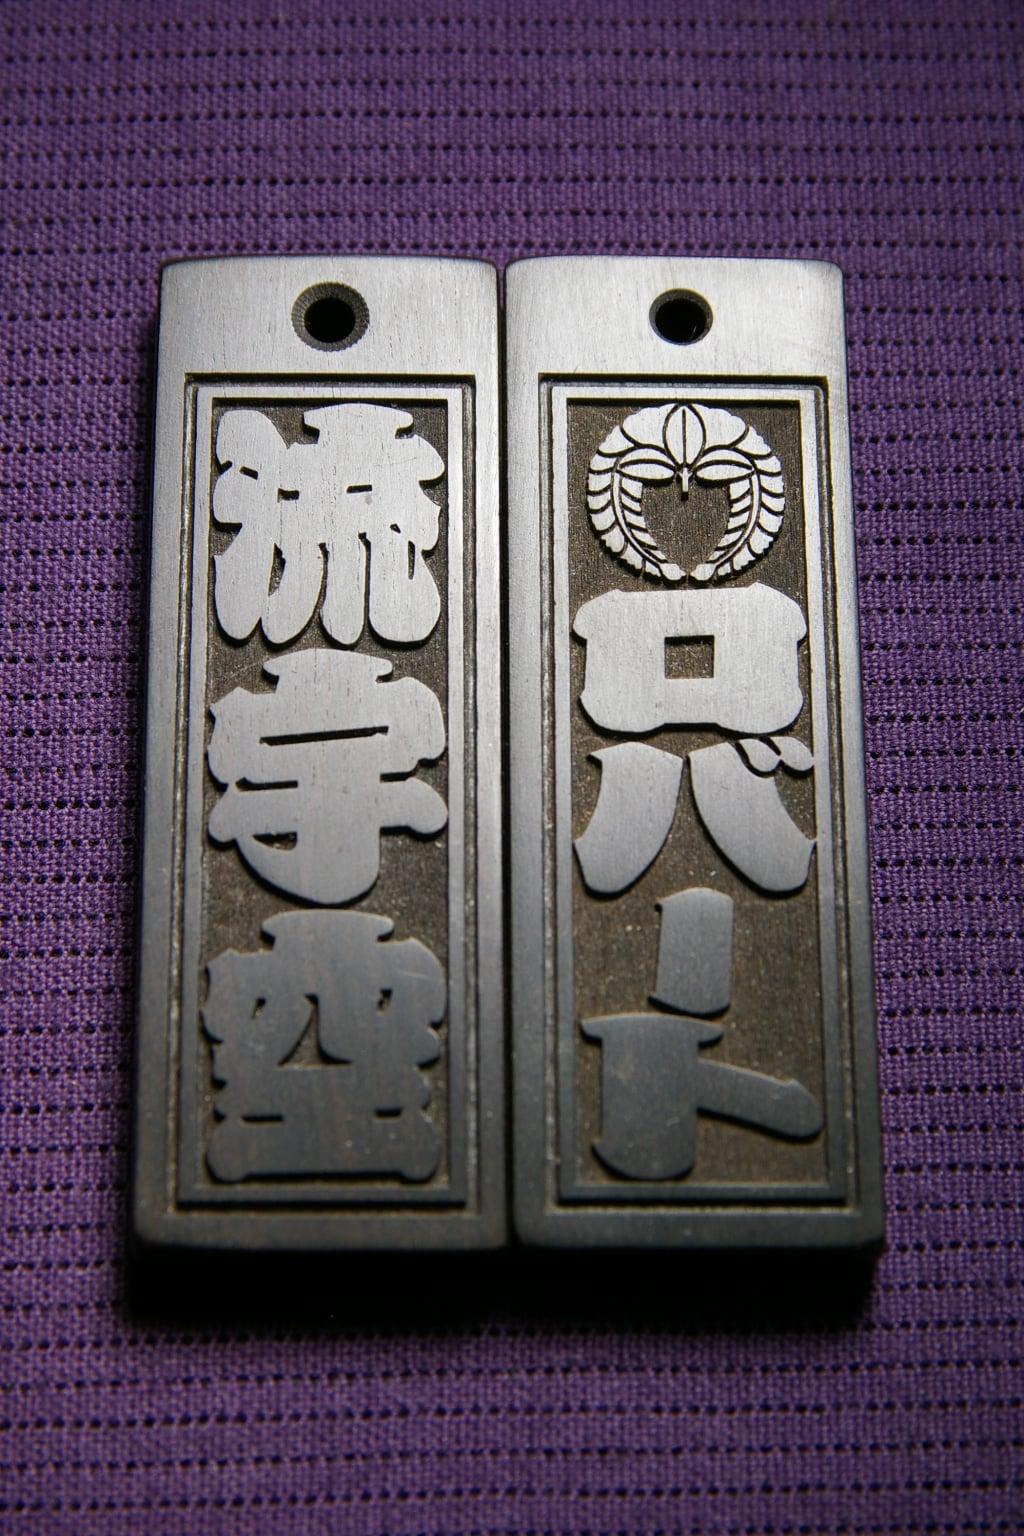 アルファベットから「ひらがな・漢字」の変換サポート致します。